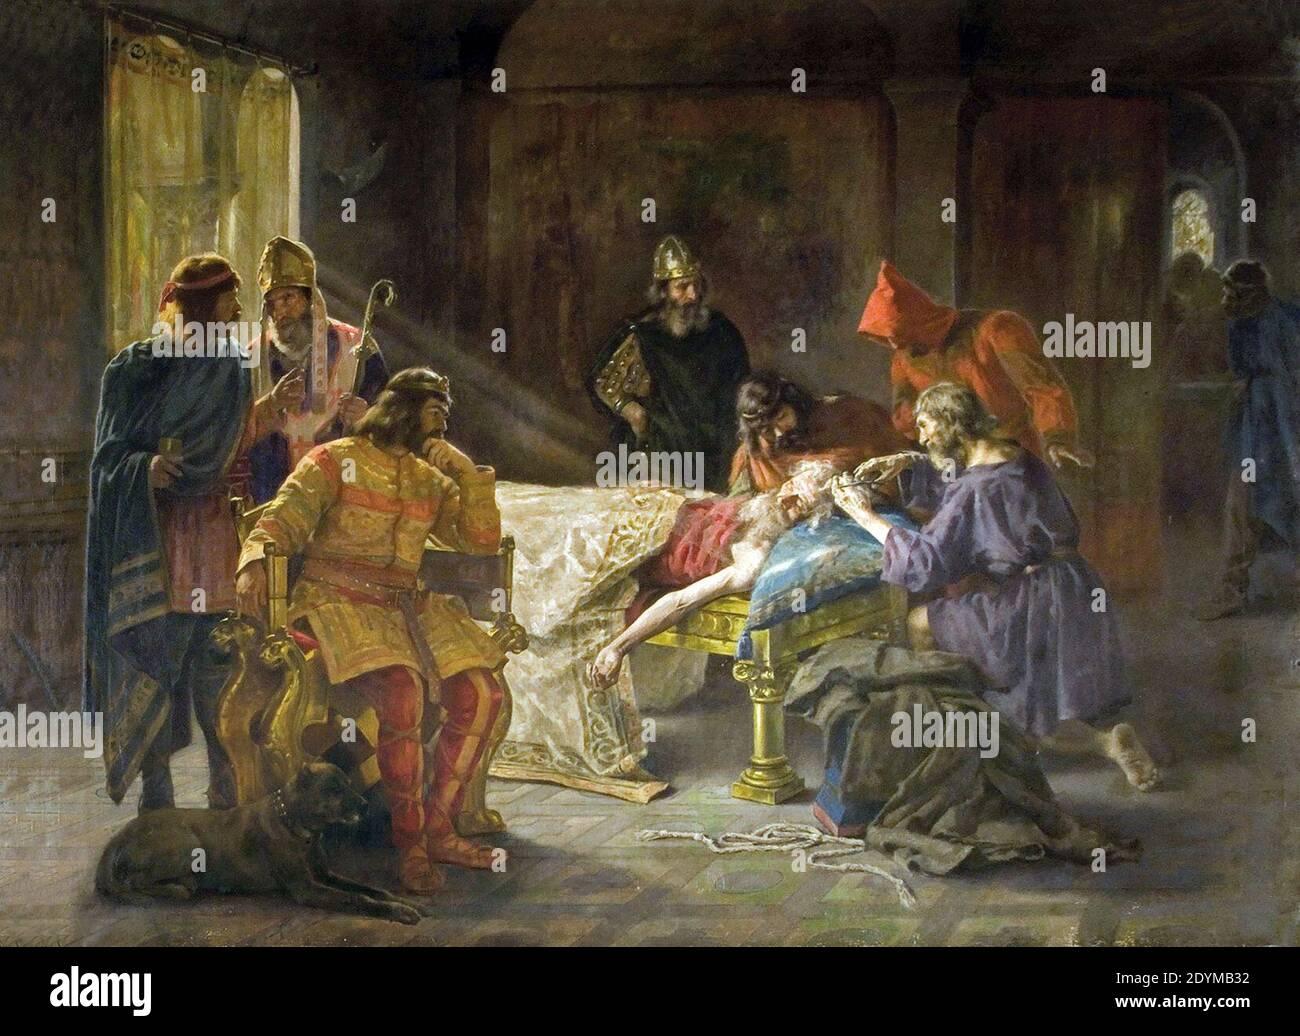 La tonsura del rei Wamba - Joan Brull i Vinyoles (1863-1912). Foto de stock